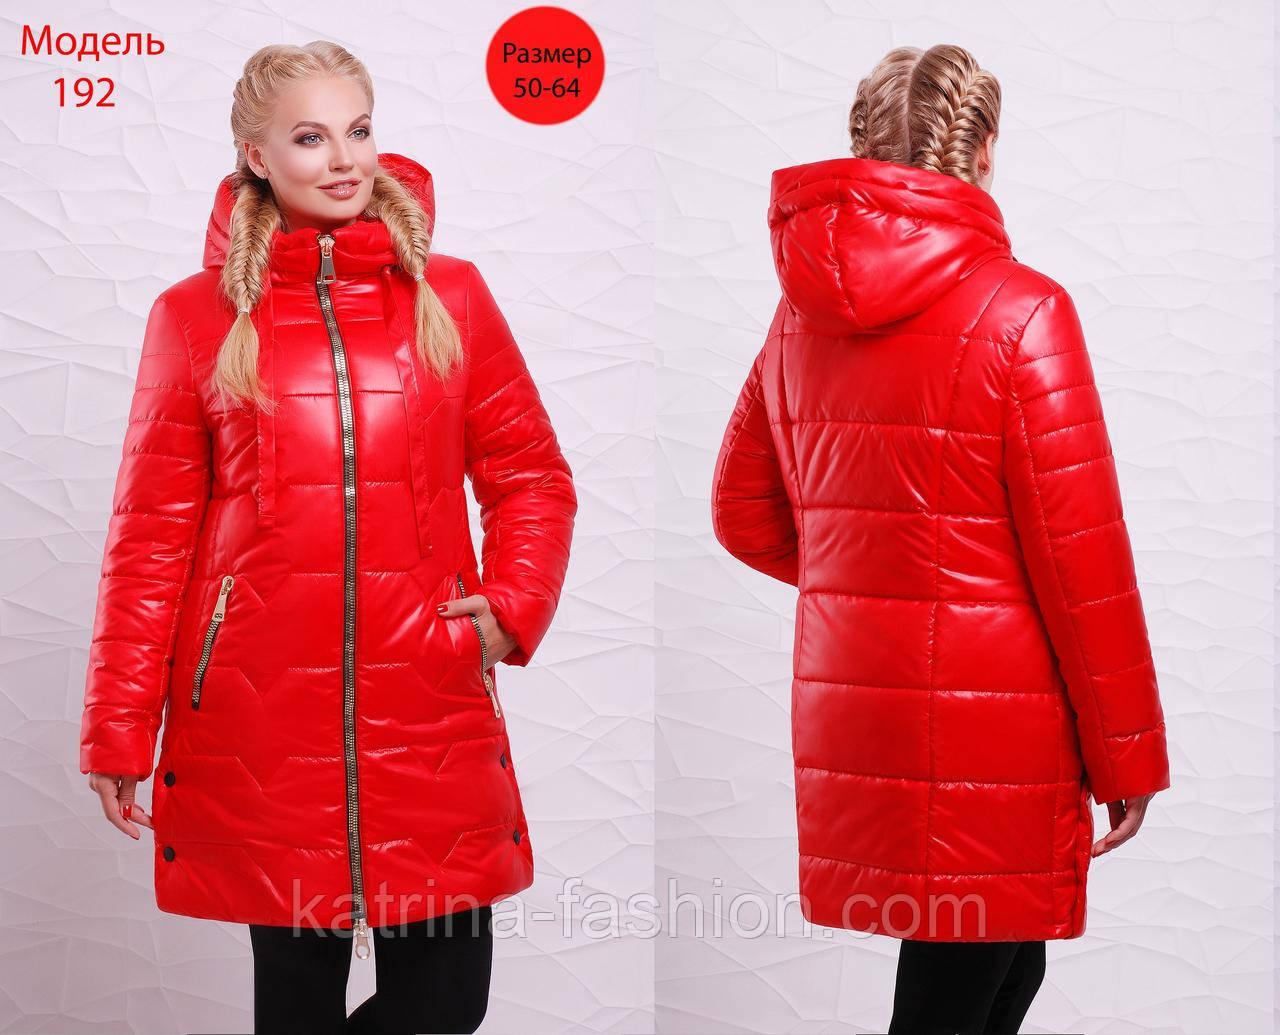 9da5addd8a2 Женская зимняя куртка больших размеров (5 цветов)  продажа